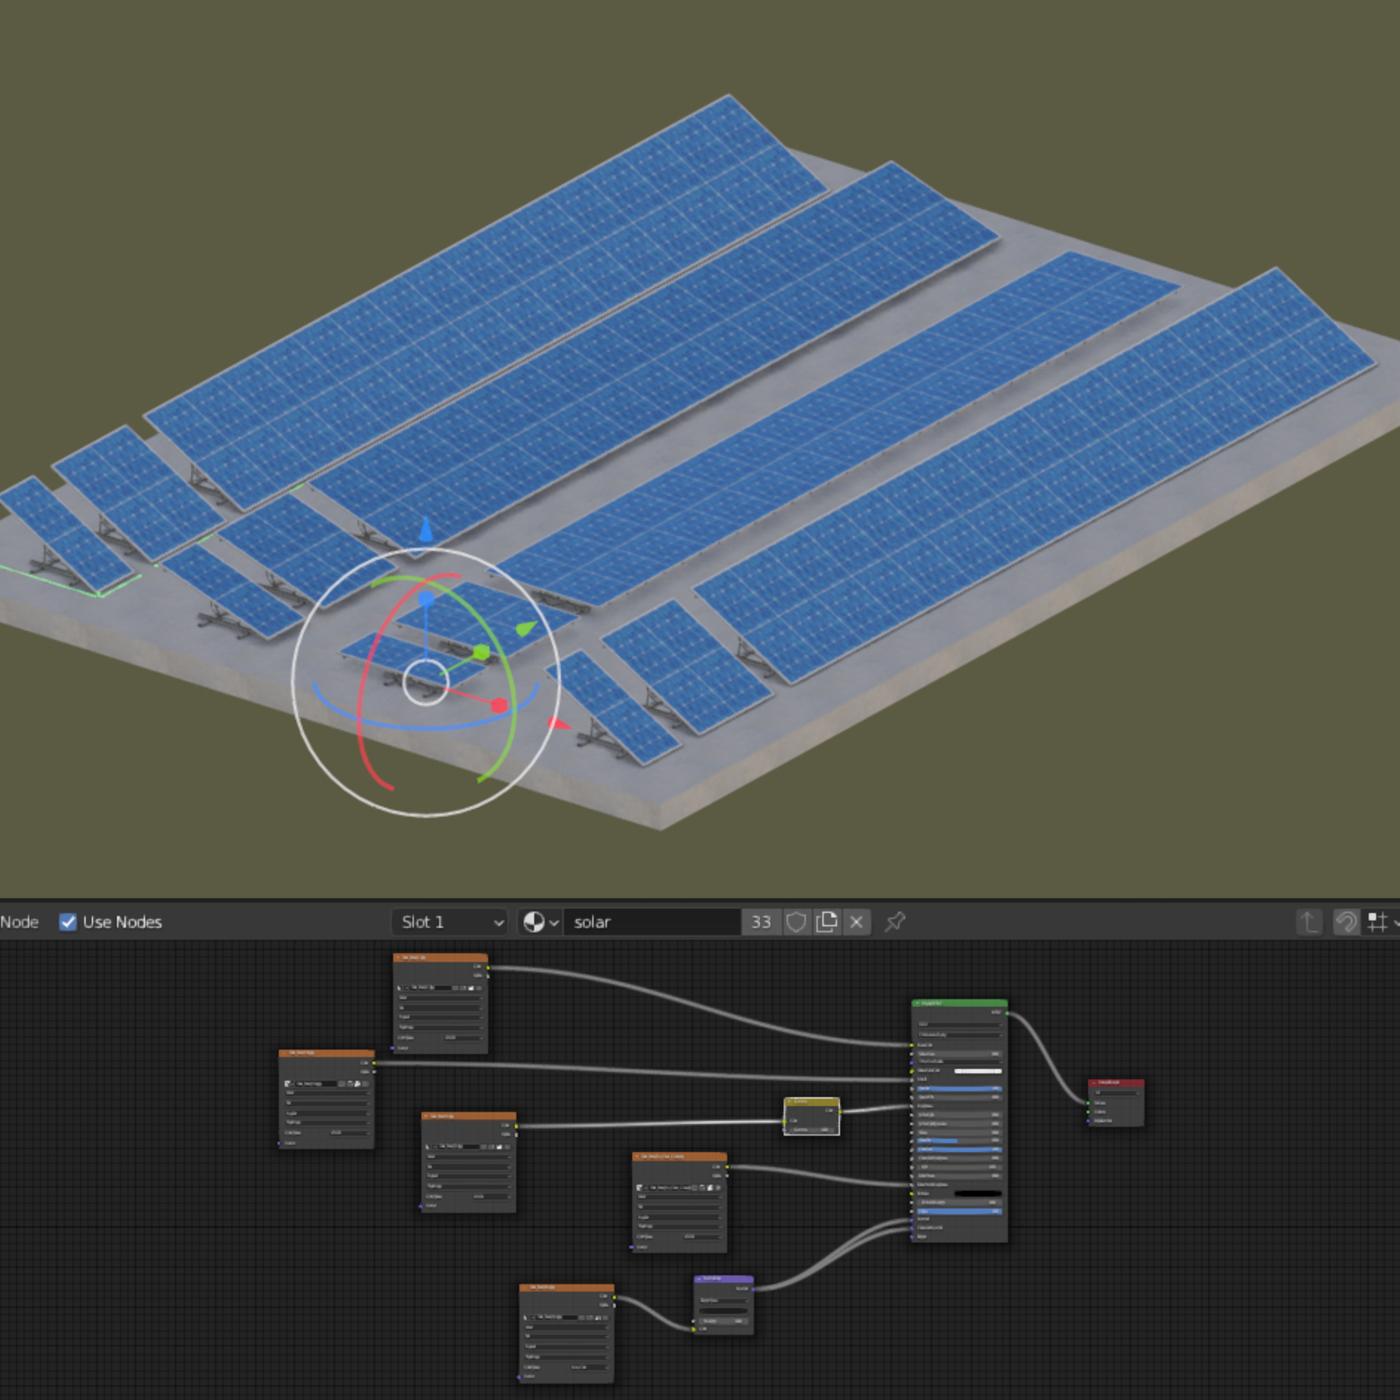 Solar Panel - Blender-2.93